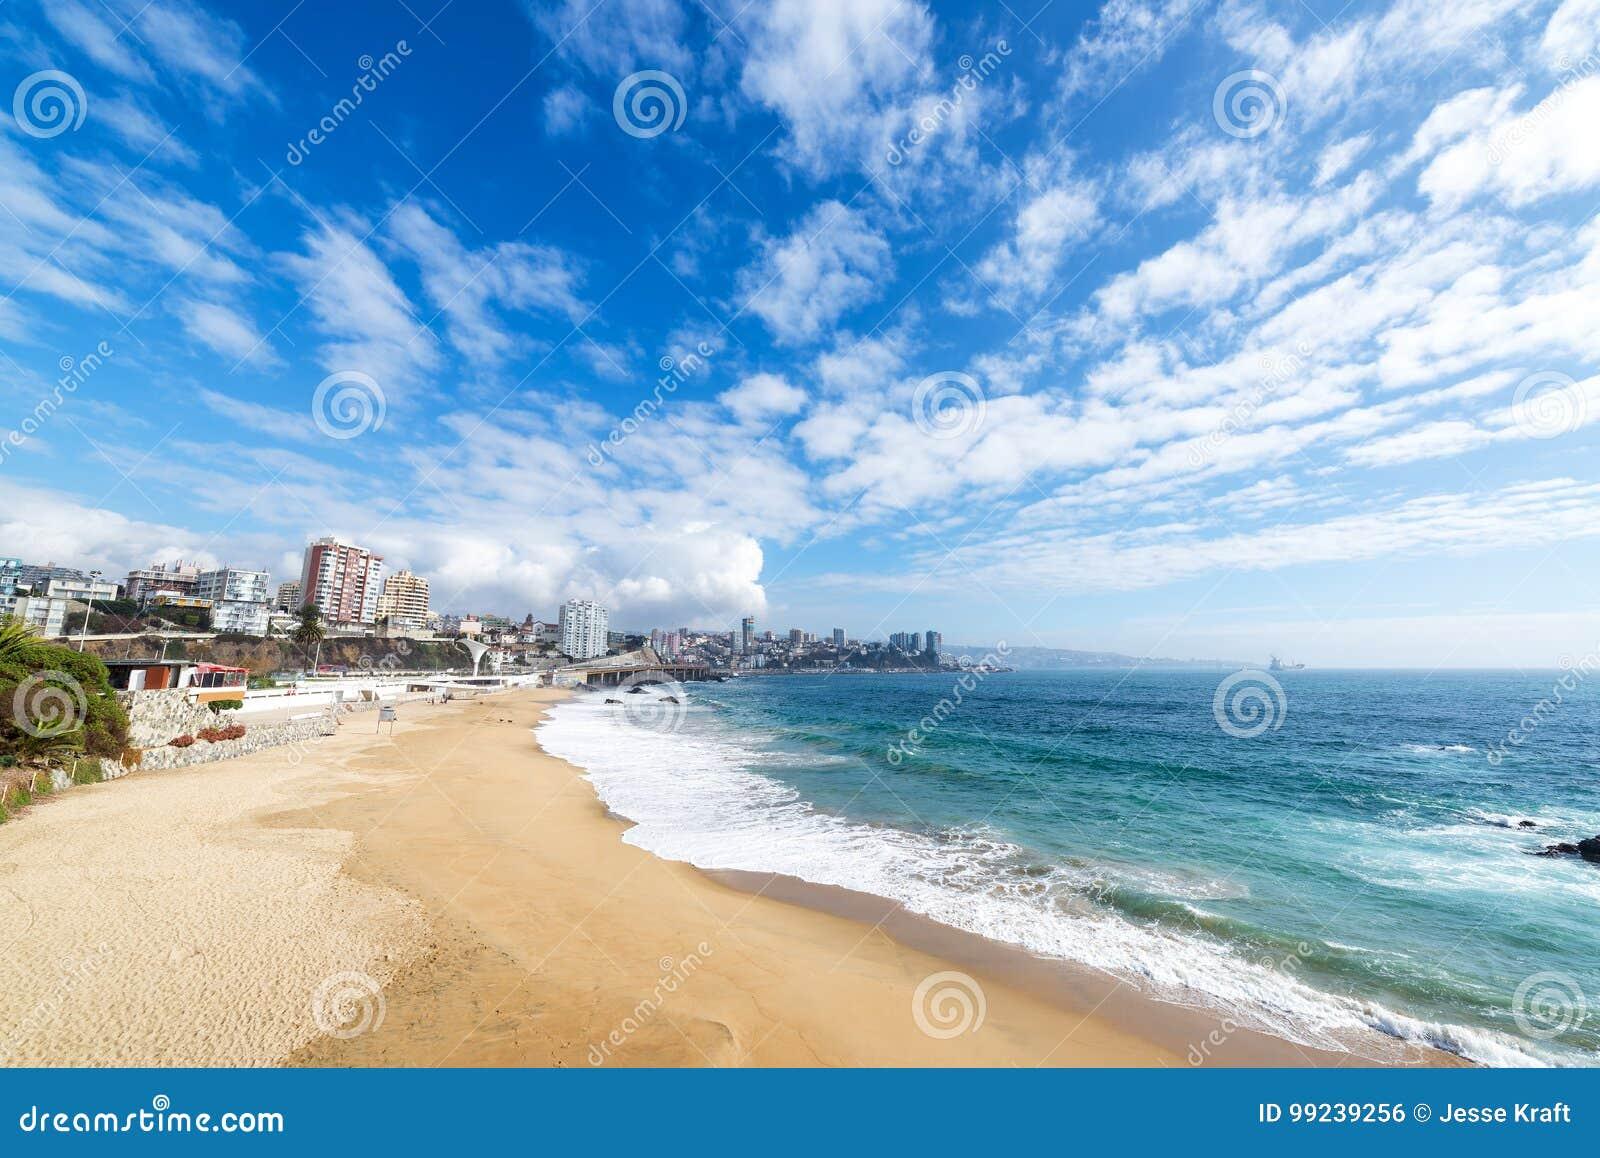 Strand in Vina del Mar